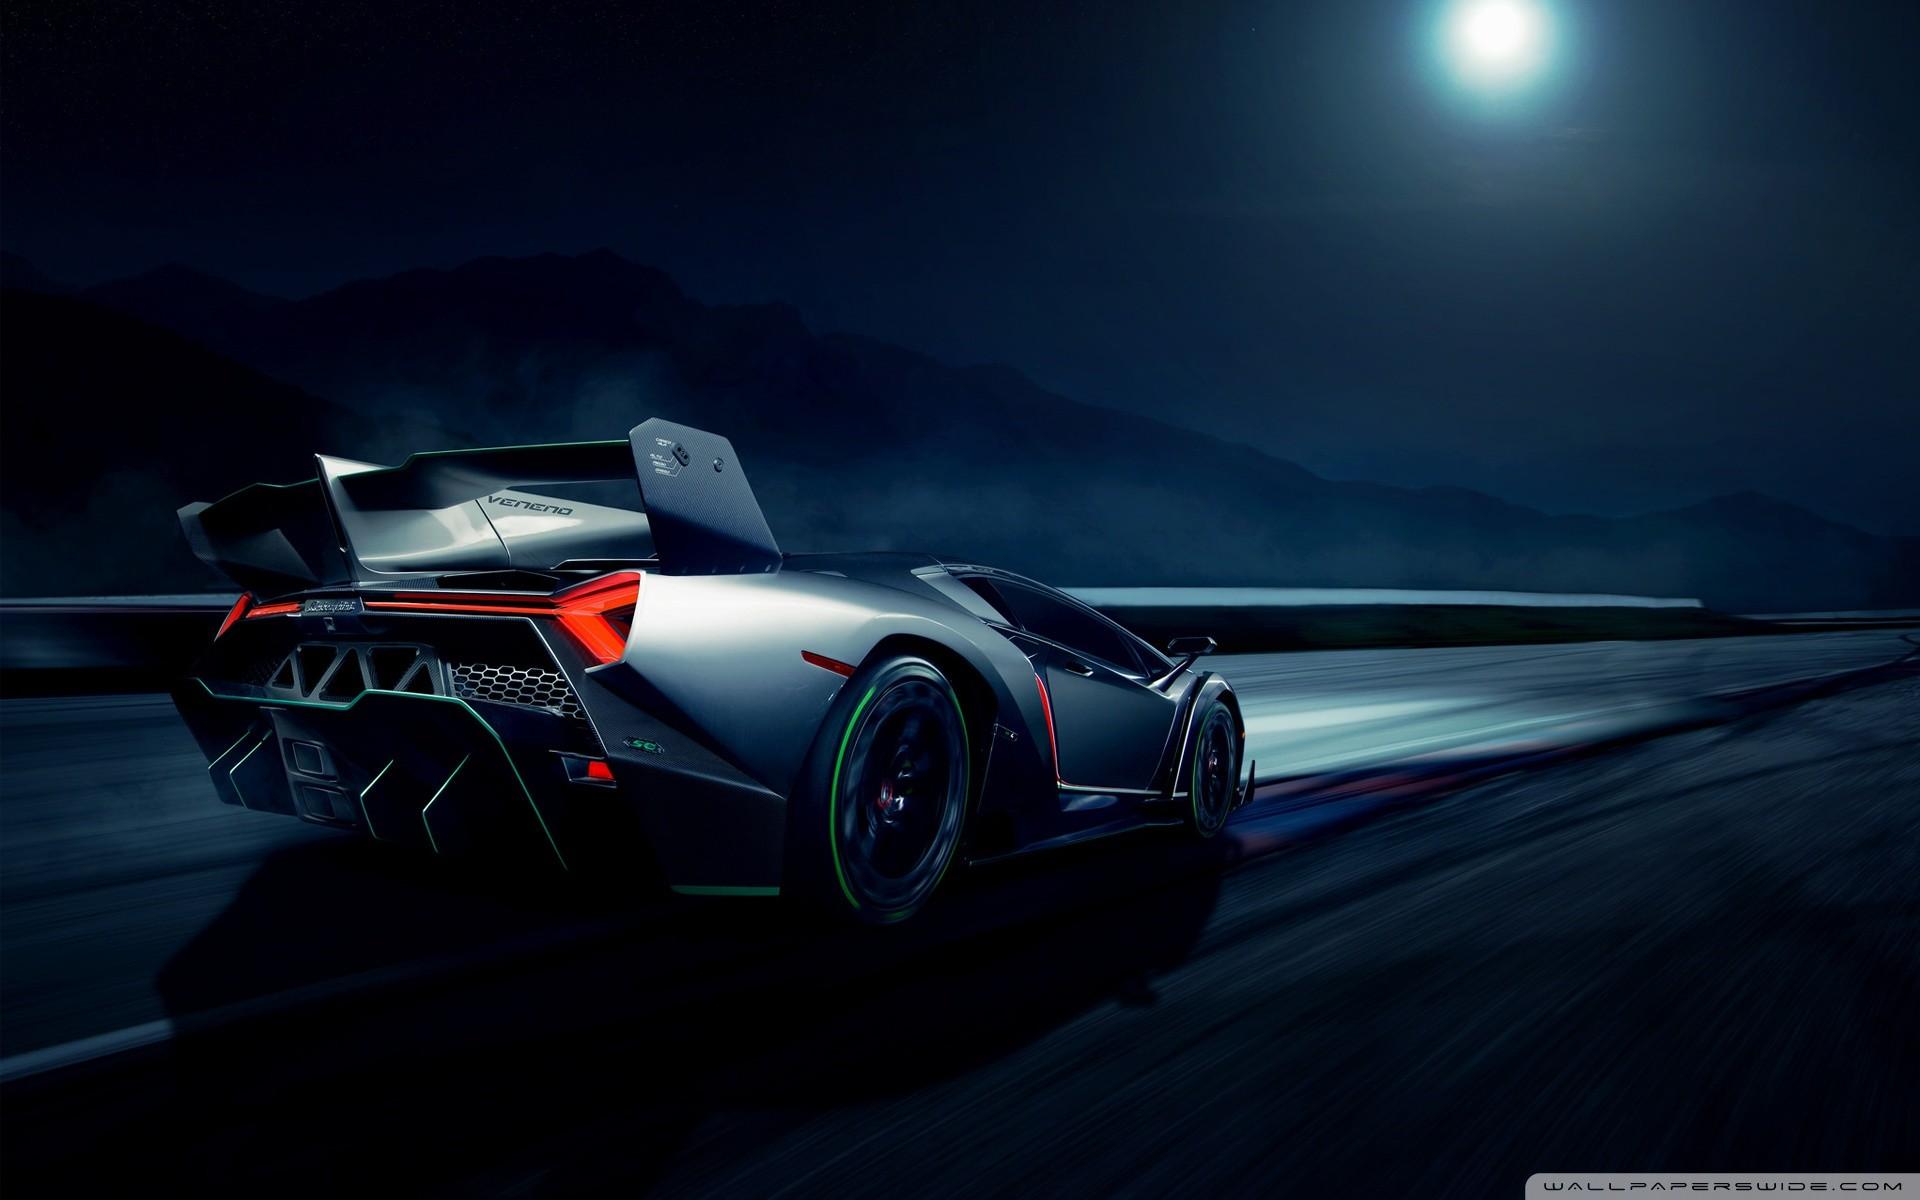 Lamborghini Veneno Supercar HD Wide Wallpaper for Widescreen